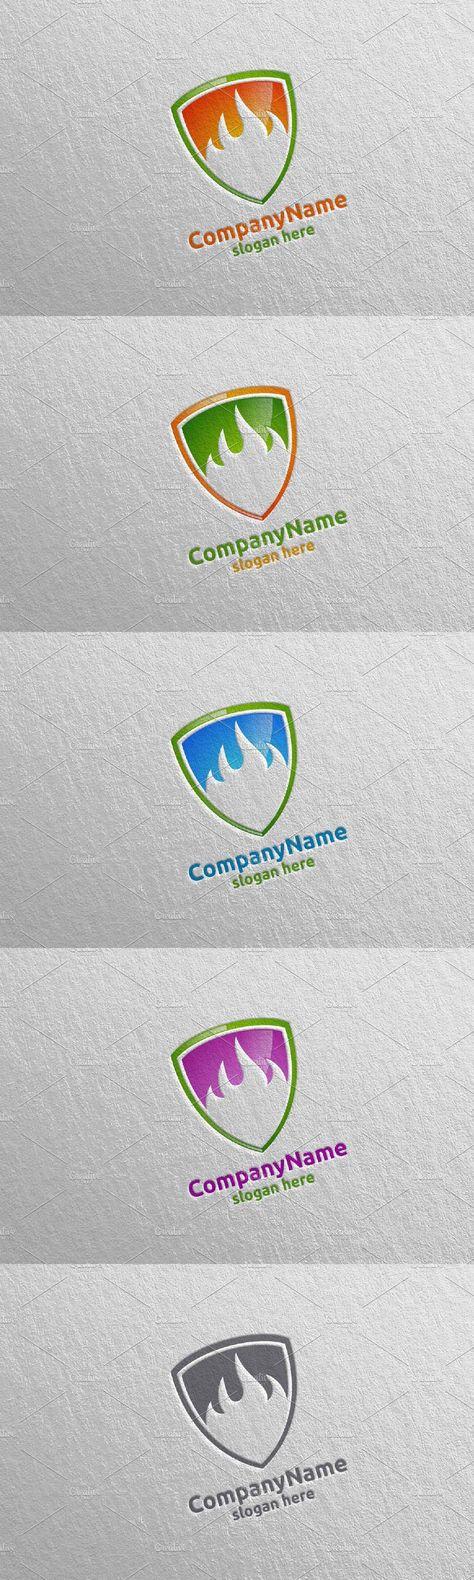 3D Fire Flame Element Logo Design 10